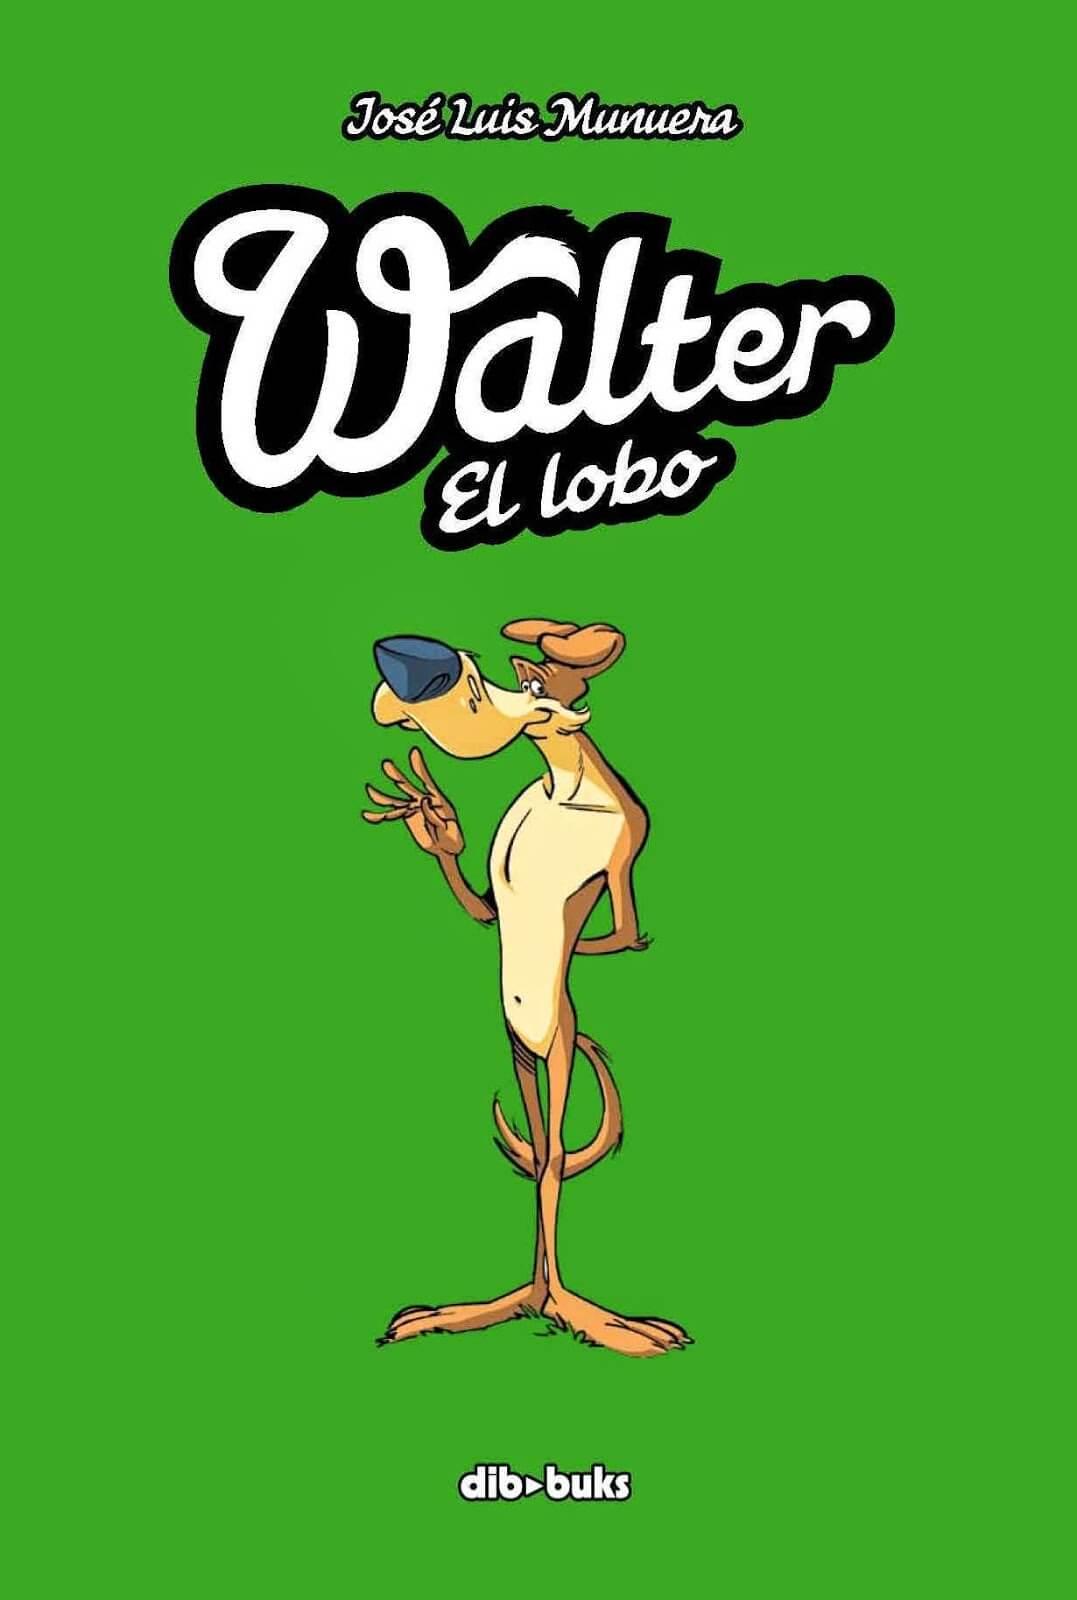 Walter el lobo (José Luis Munuera, 2009-2010)